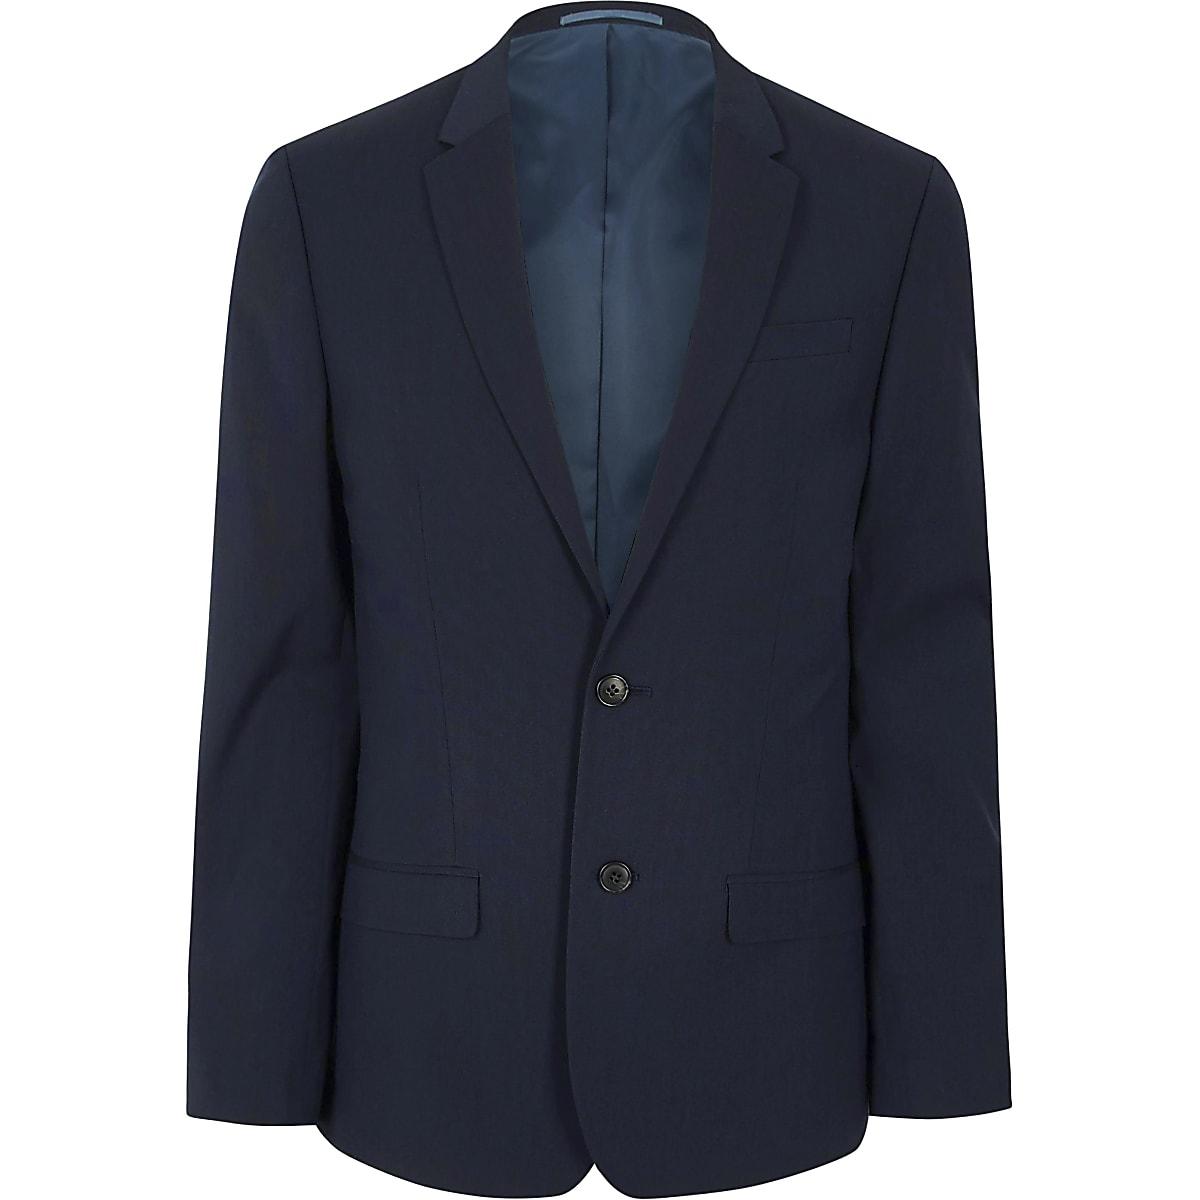 29fe86c9f719 Dark blue slim fit suit jacket - Suit Jackets - Suits - men